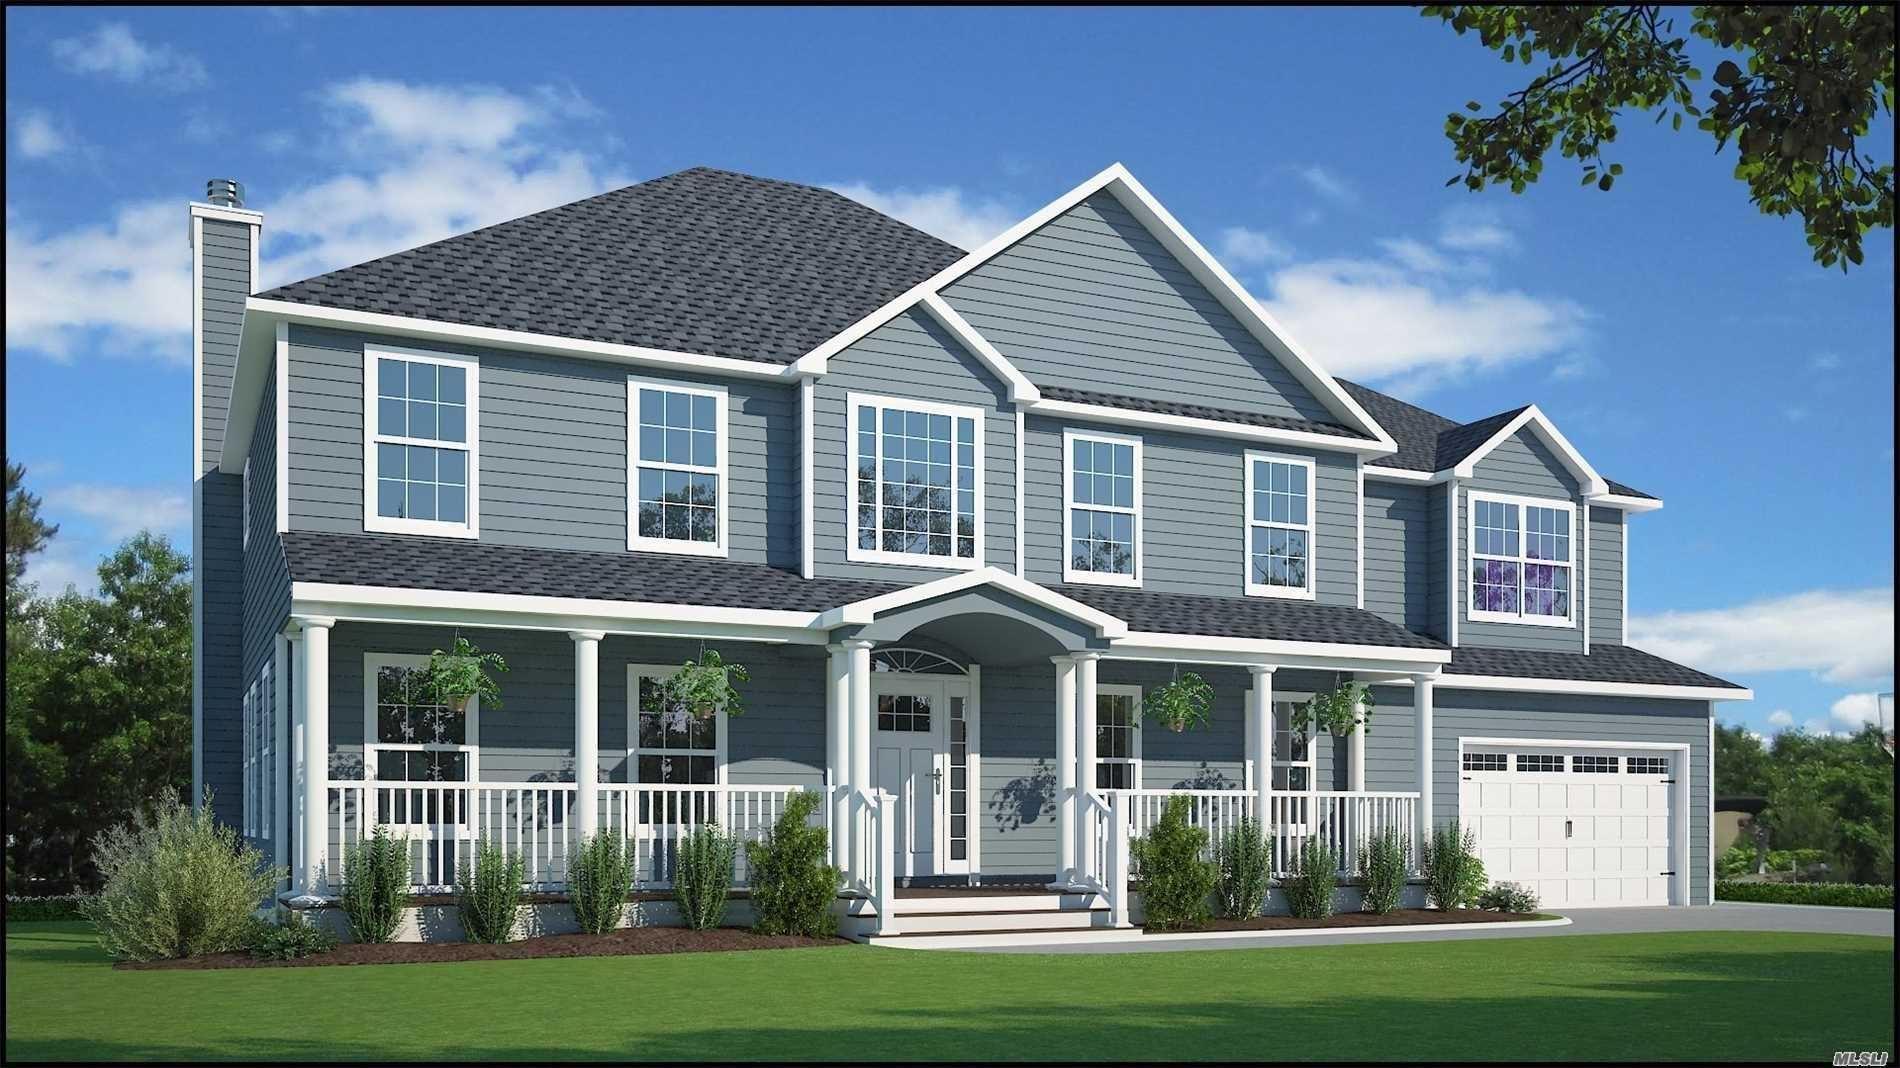 Tbb New Treadwell Court, Bohemia, NY 11716 - MLS#: 3185050